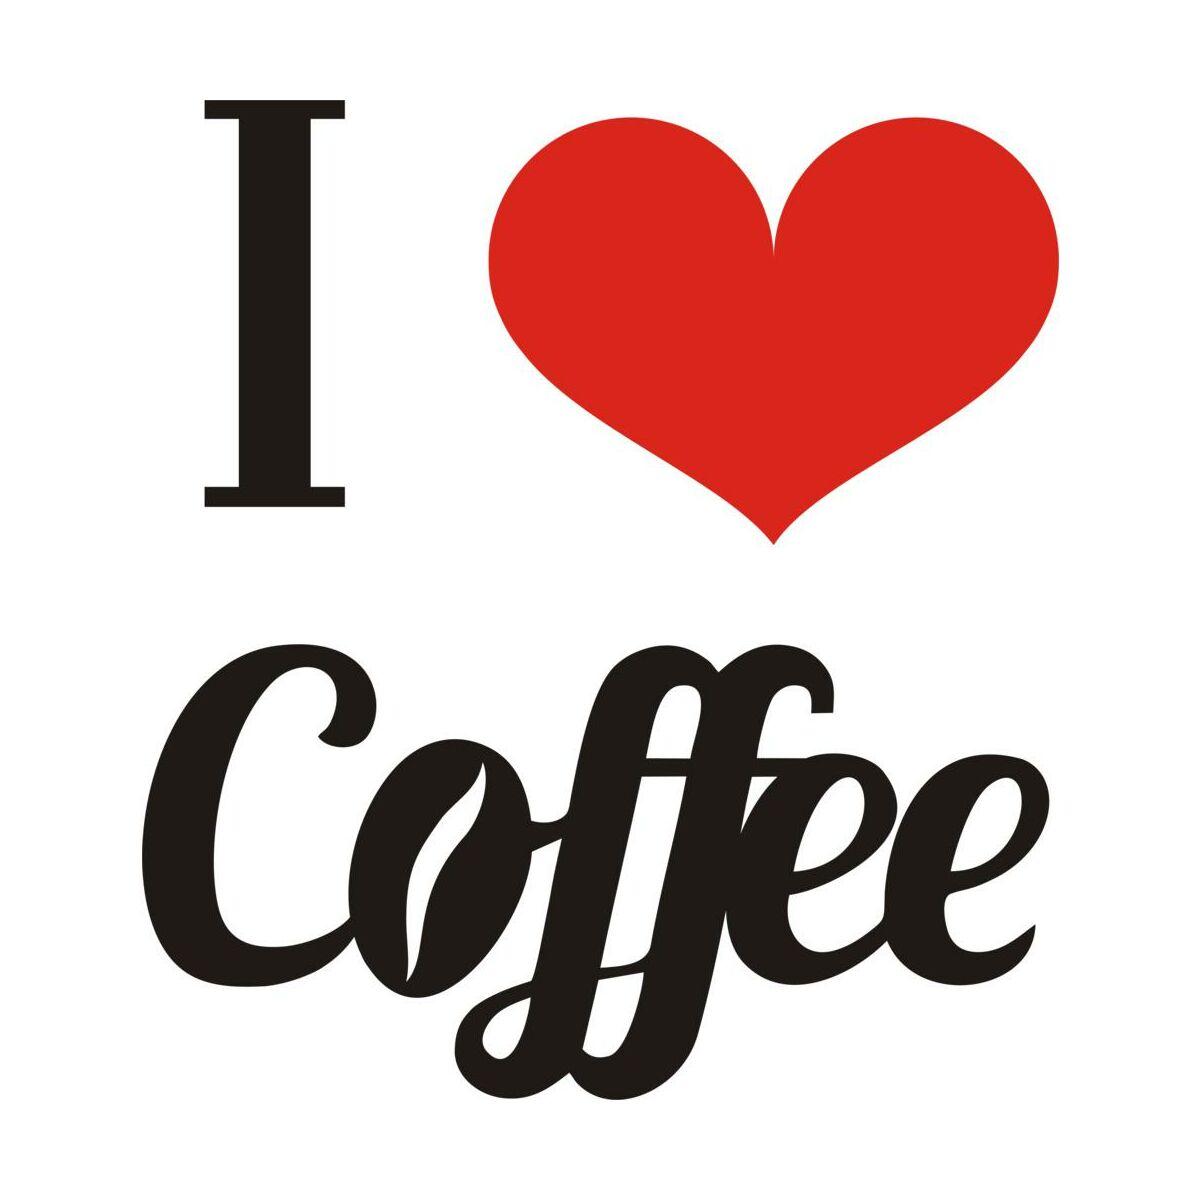 Naklejka I LOVE COFFEE